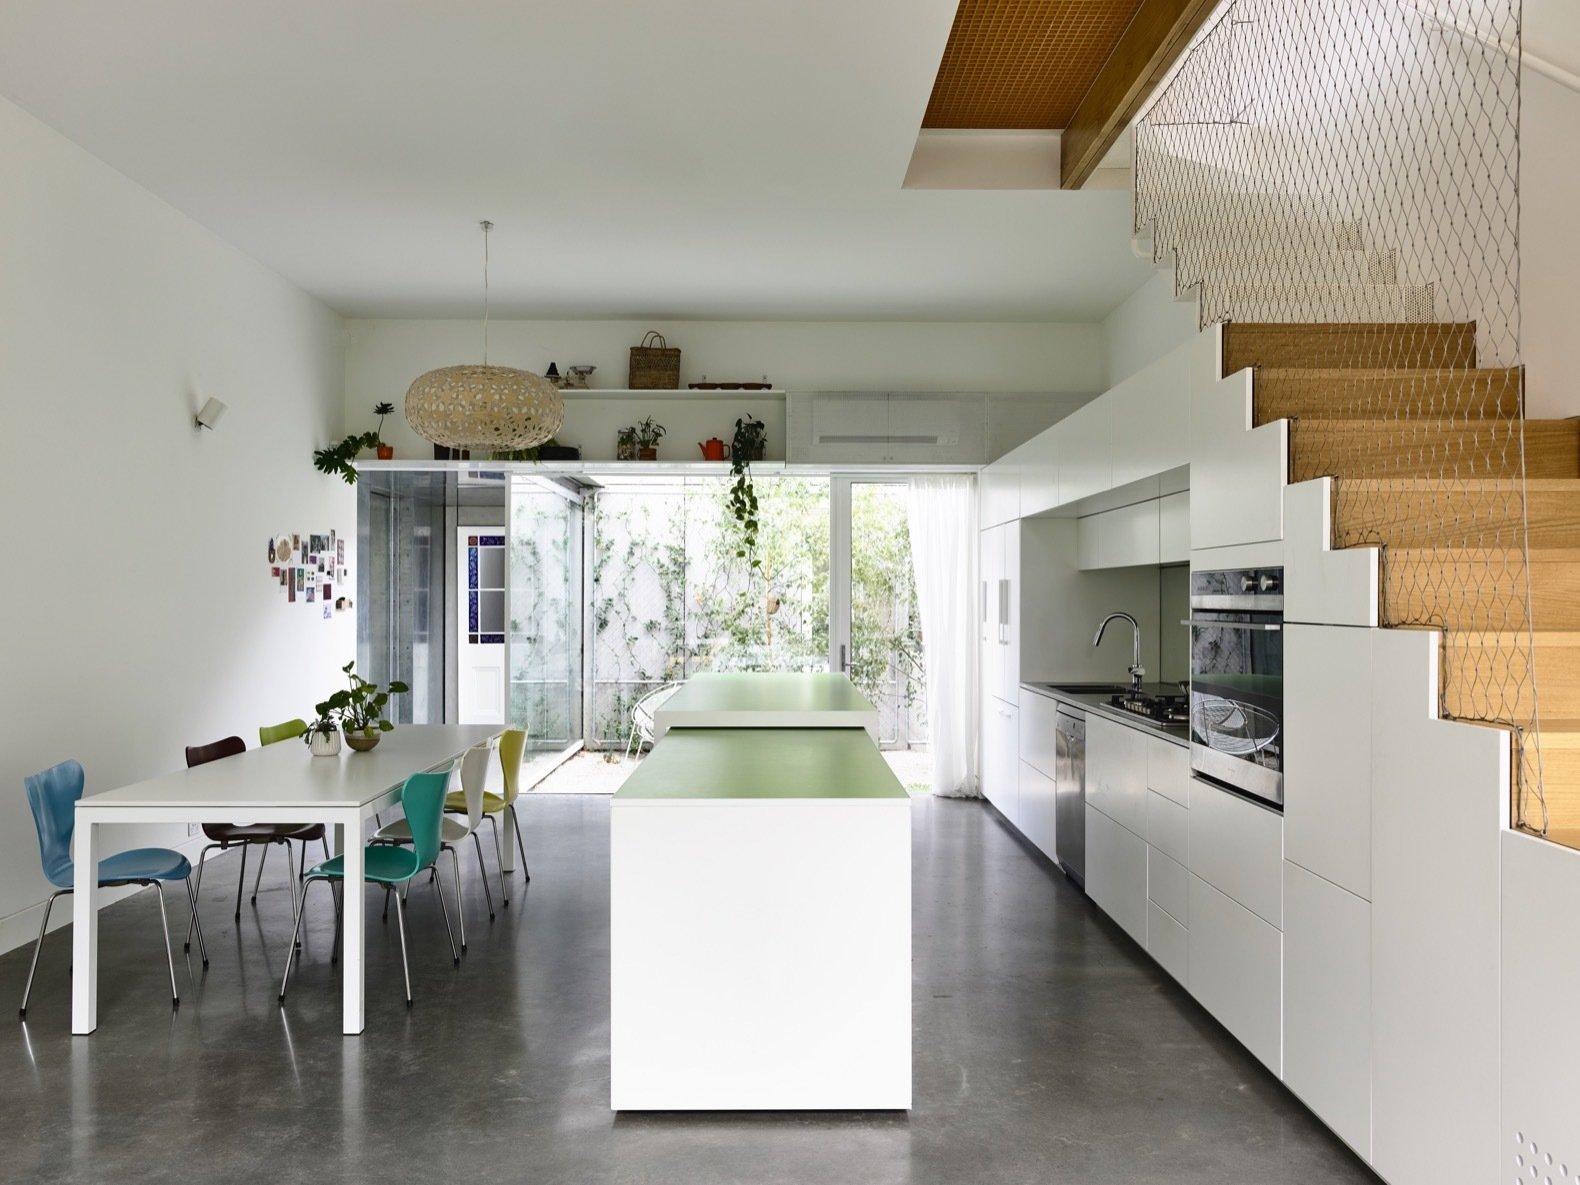 Grant House kitchen